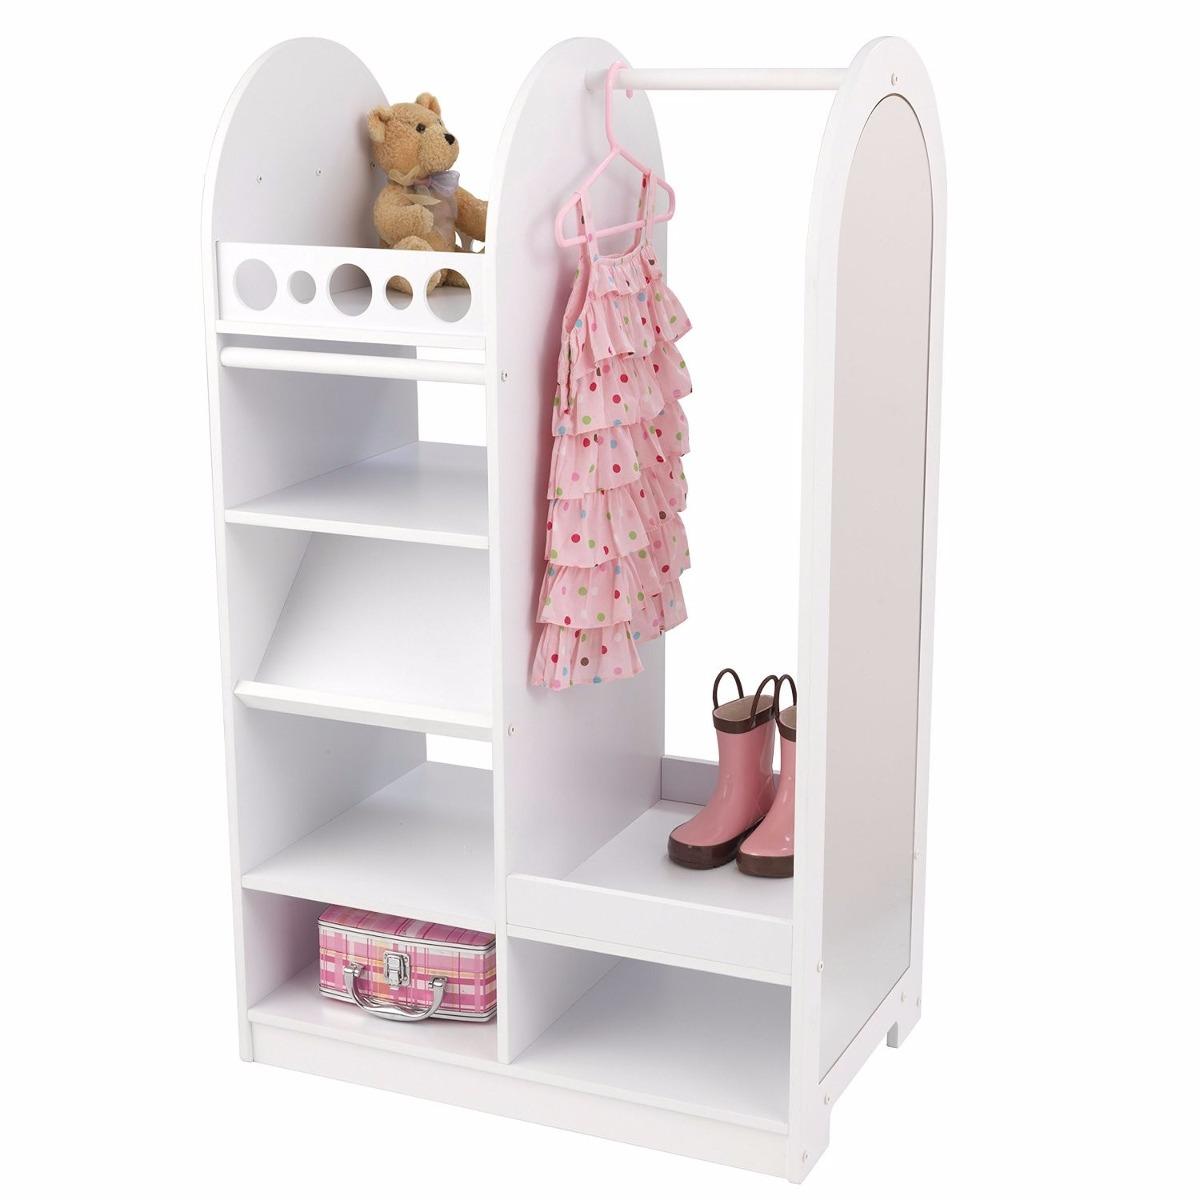 Ropero roperito closet para ni a con espejo kid craft vv4 for Espejo para ver al bebe